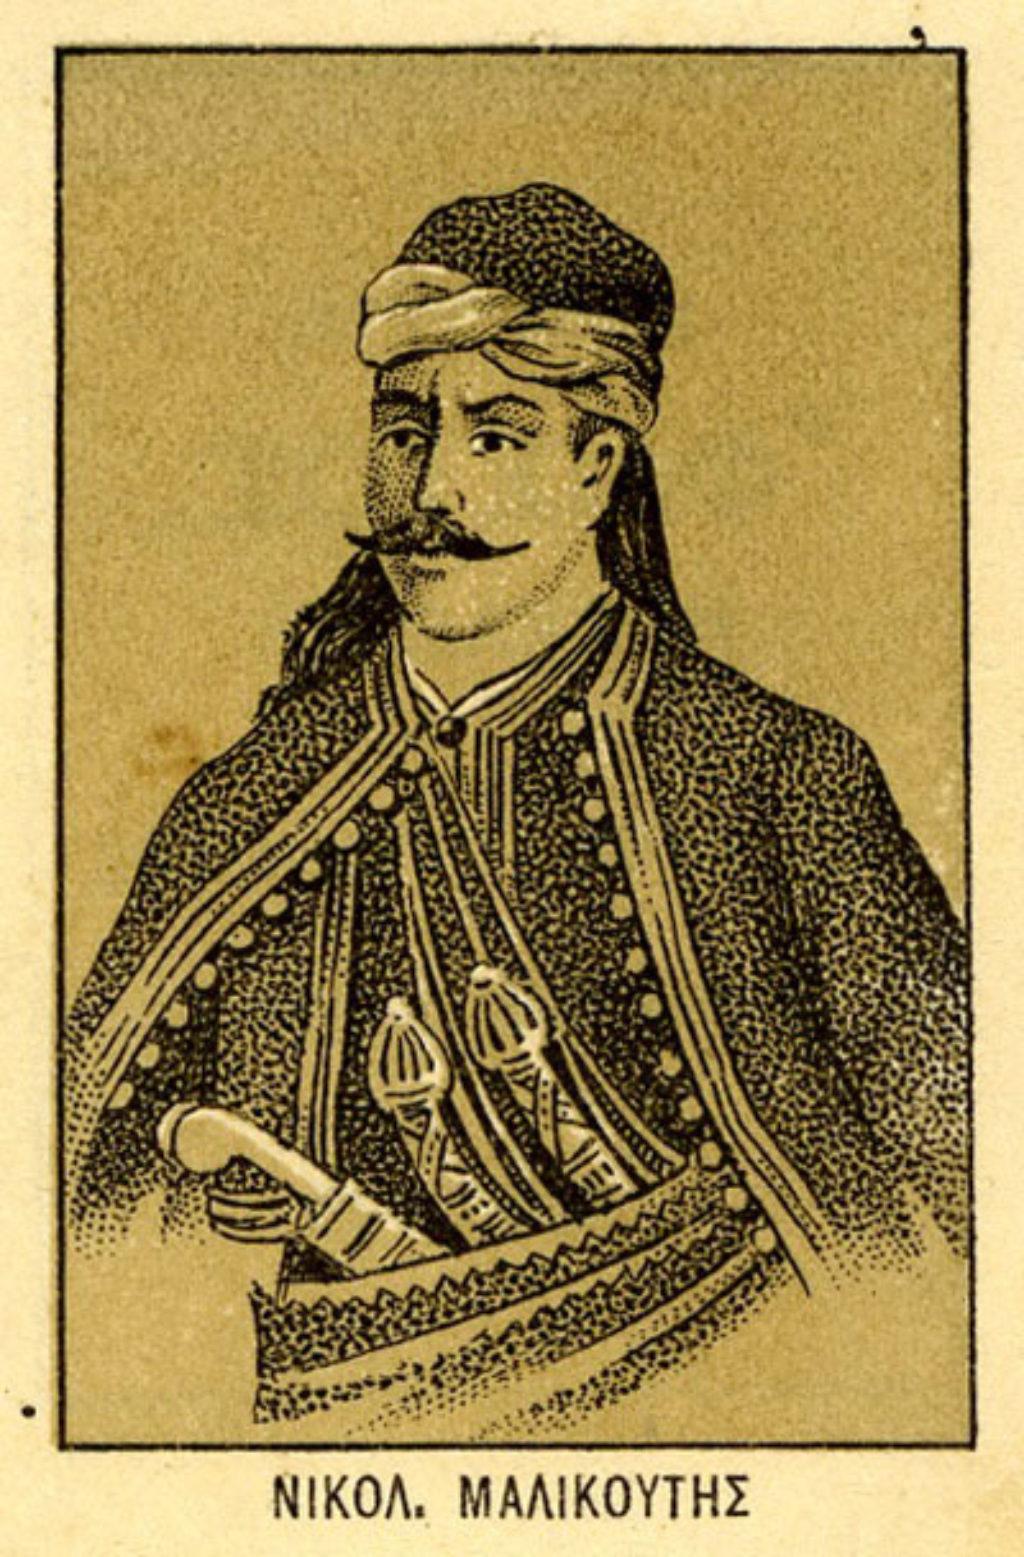 Ο οπλαρχηγός της Μεσαράς Νικόλαος Μαλικούτης εκτελέστηκε δημόσια στο Ηράκλειο τον Ιούνιο του 1830